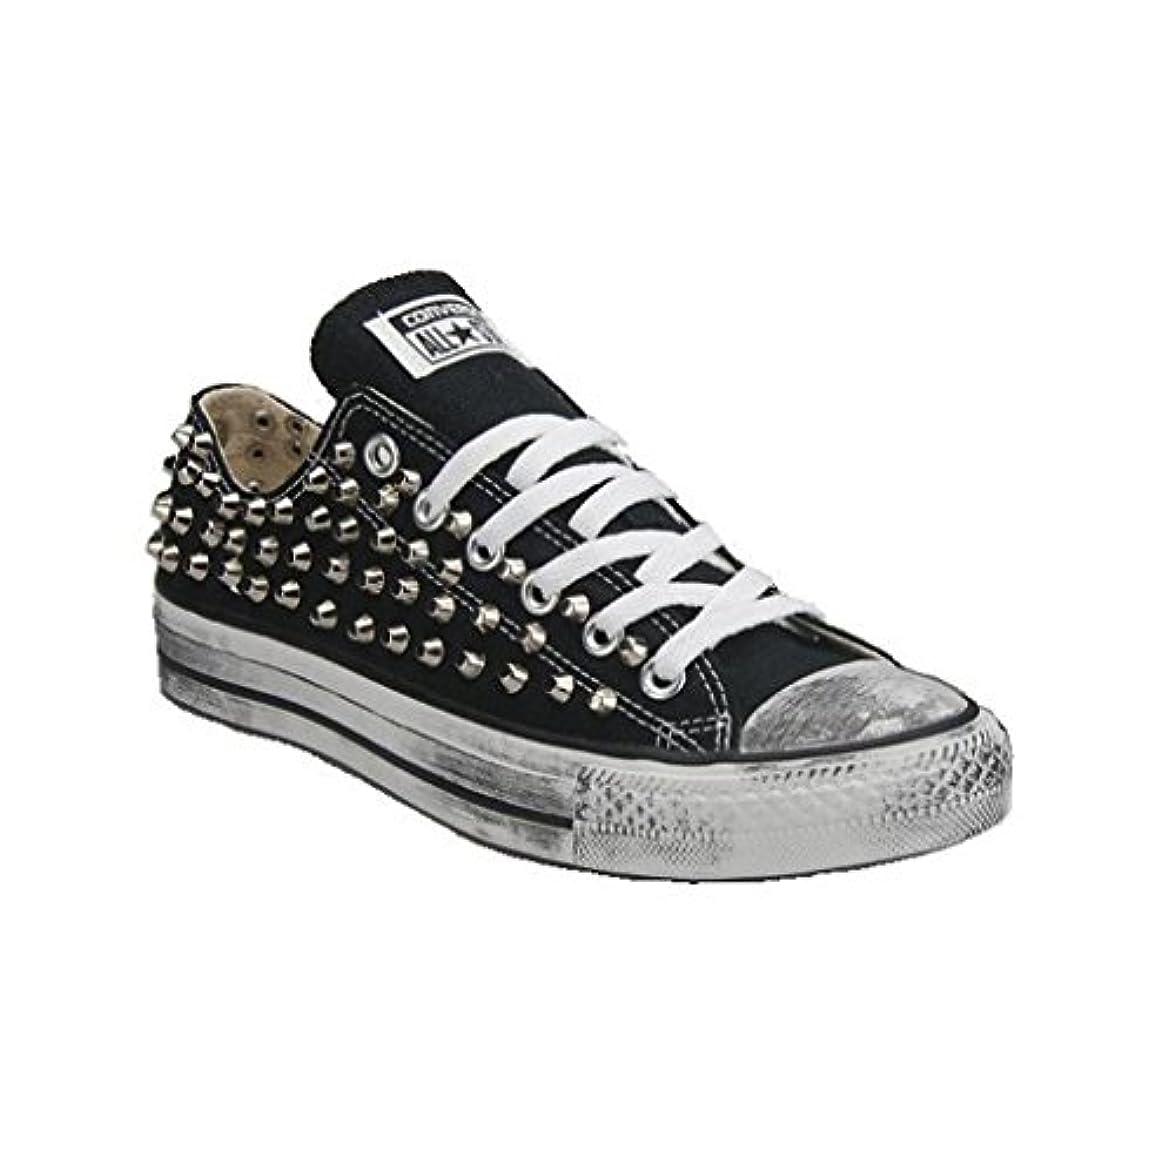 21 Shoes Converse All Star Nera Bassa Borchiate artigianali Con Borchie Cono Argento Effetto Invecchiato